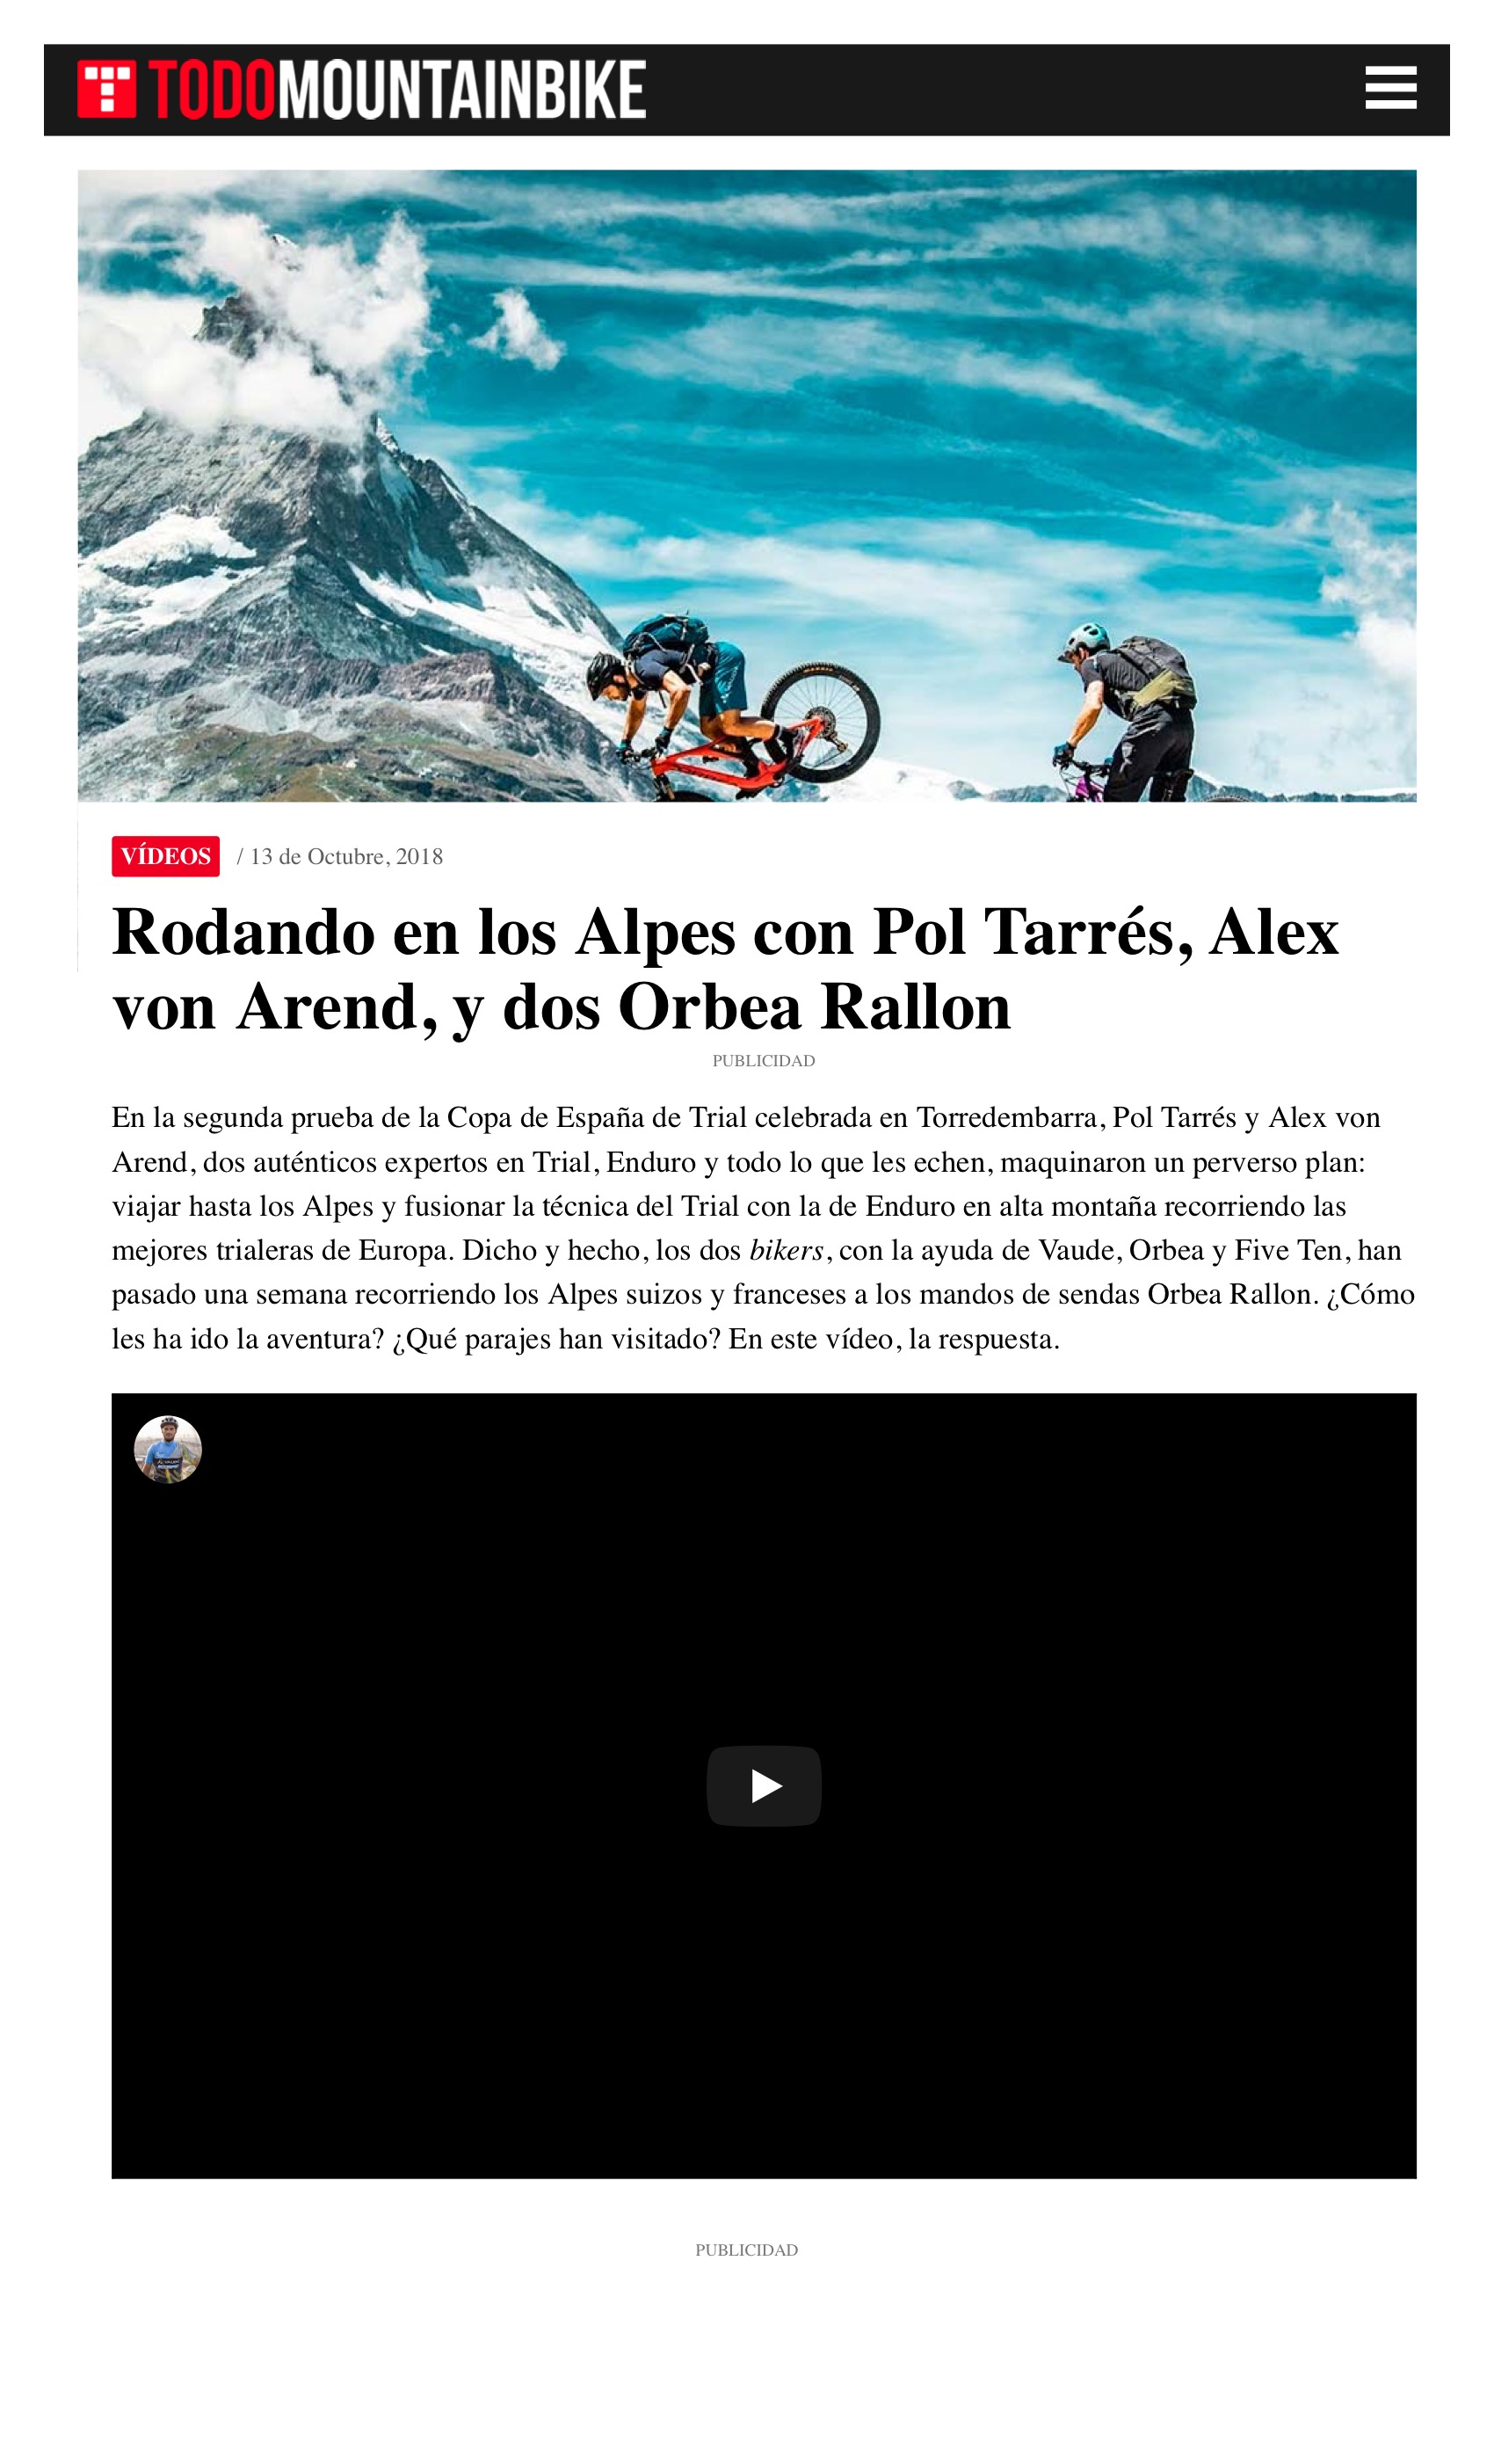 2018-10-13 Rodando en los Alpes con Pol Tarrés, Alex von Arend, y dos Orbea Rallon 3.jpeg